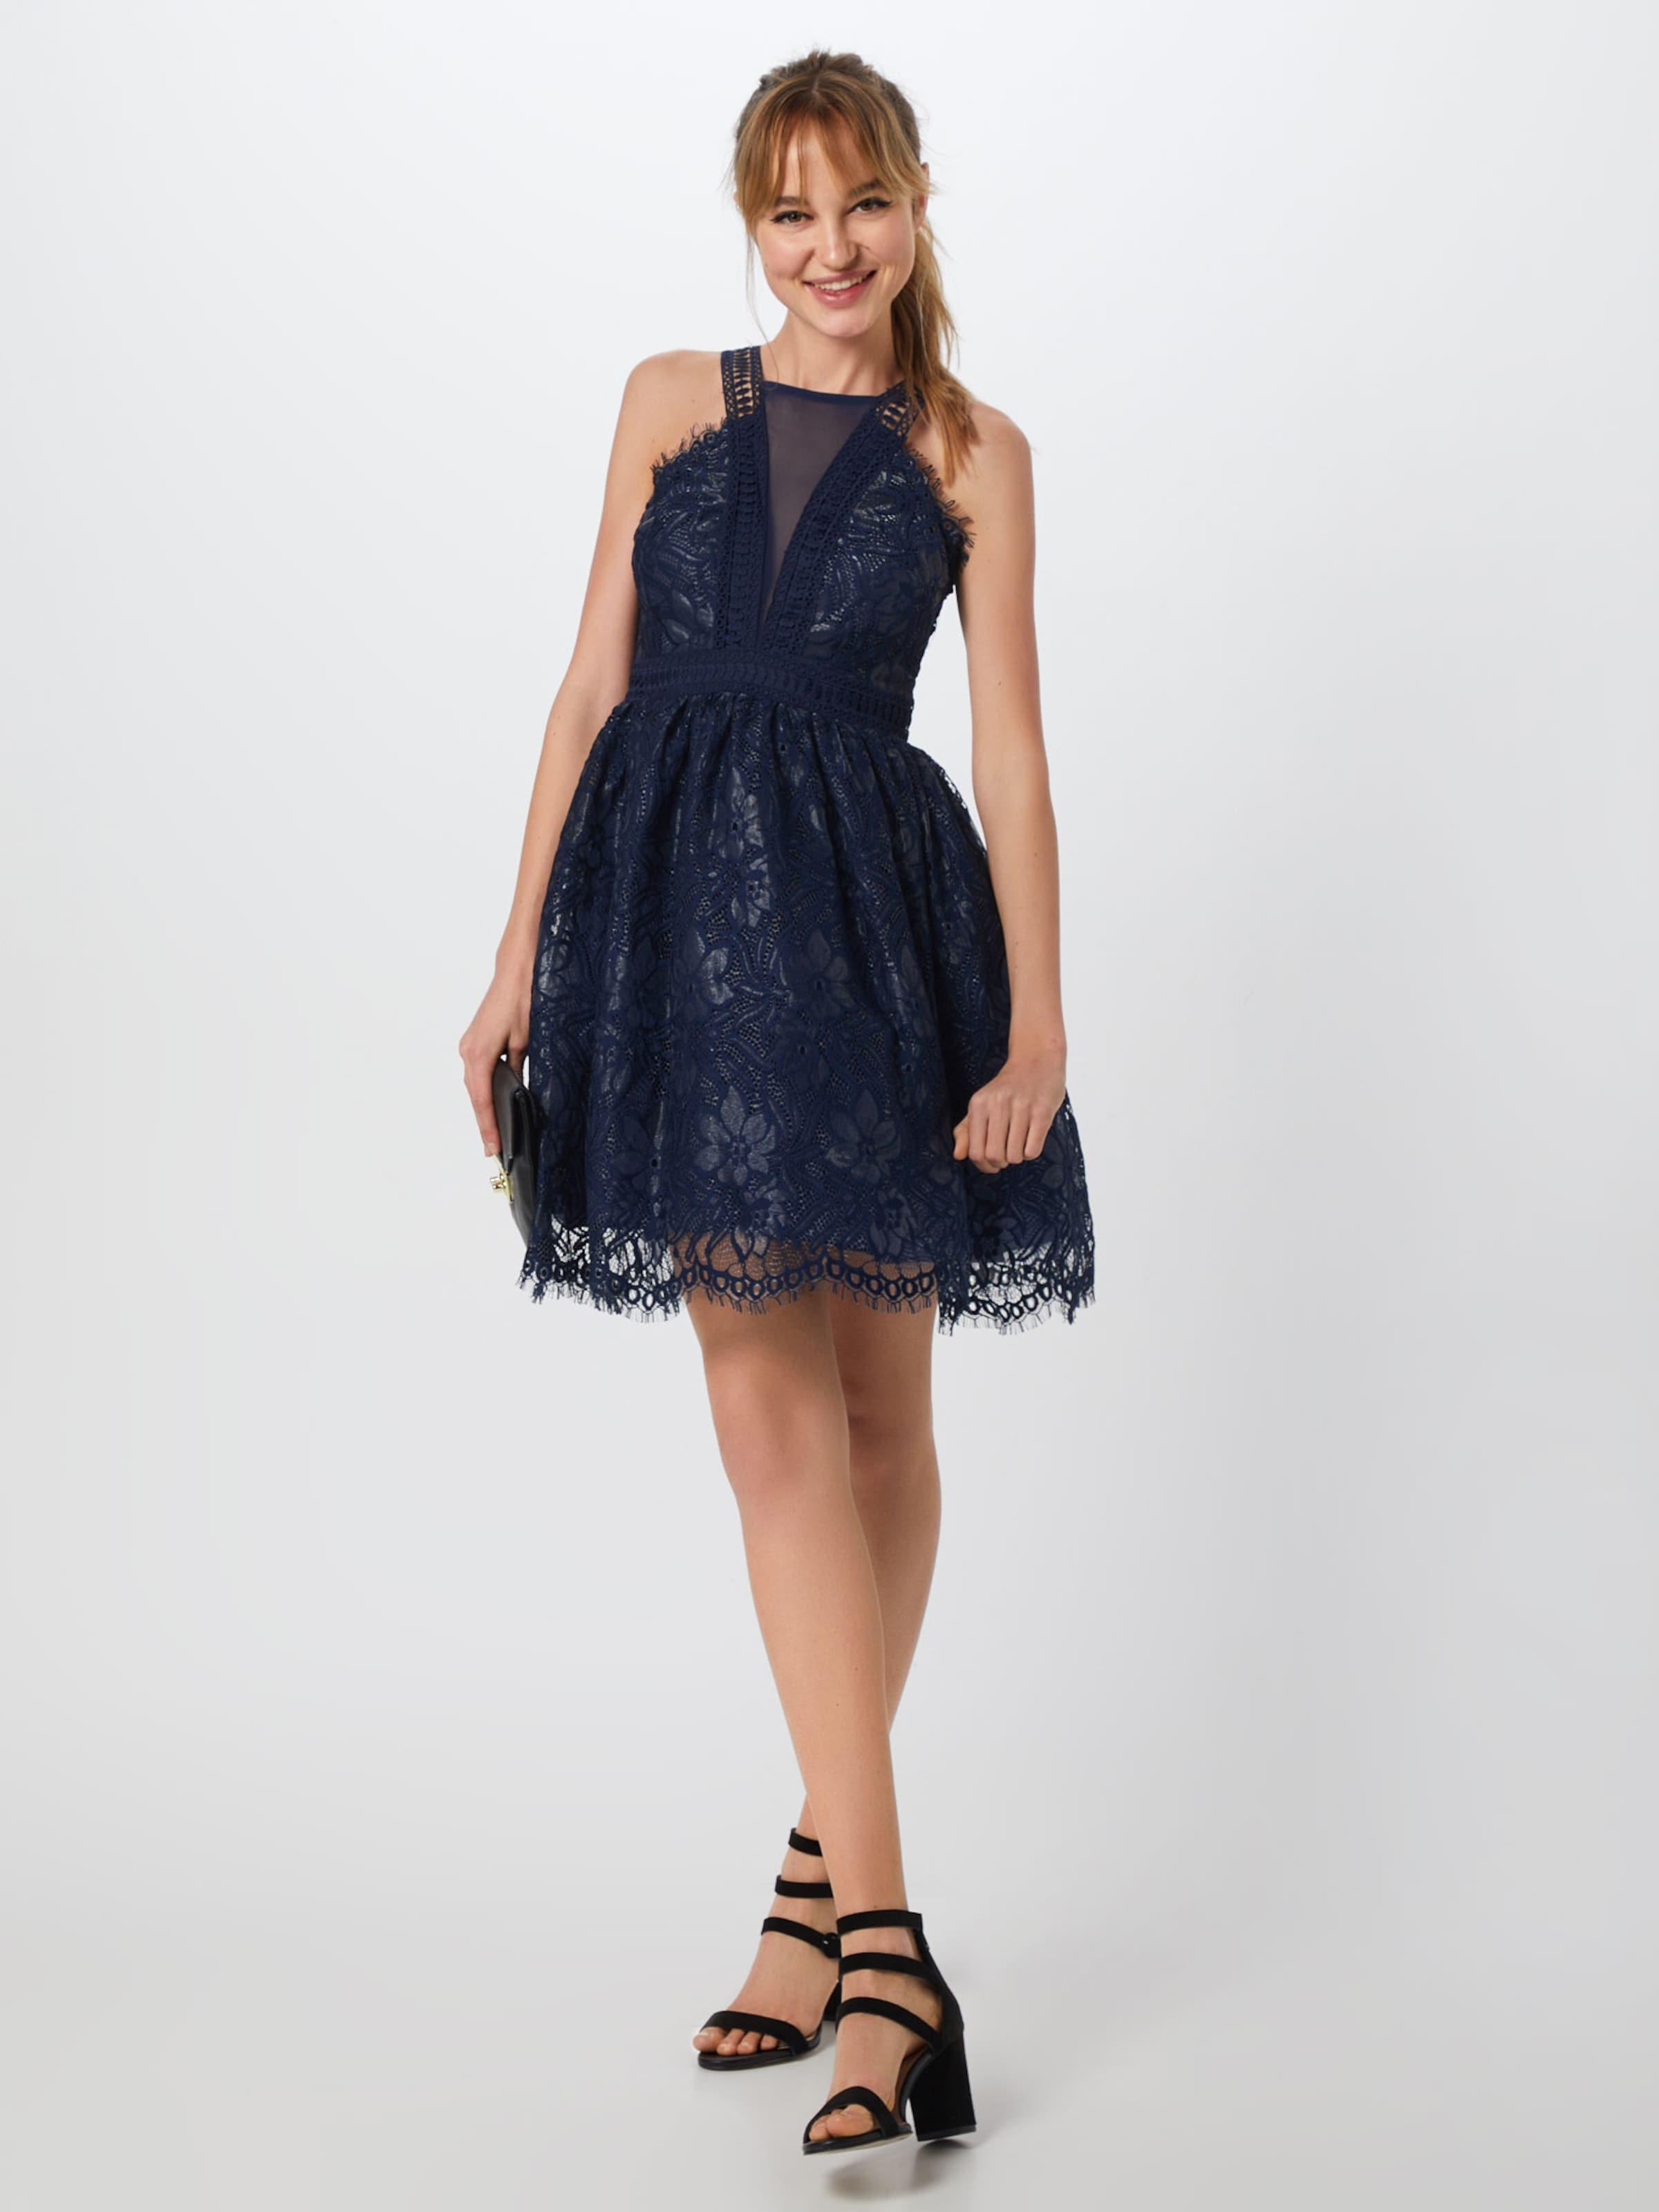 Marine De 'bethany' En Tfnc Robe Cocktail Bleu xBoedCWr